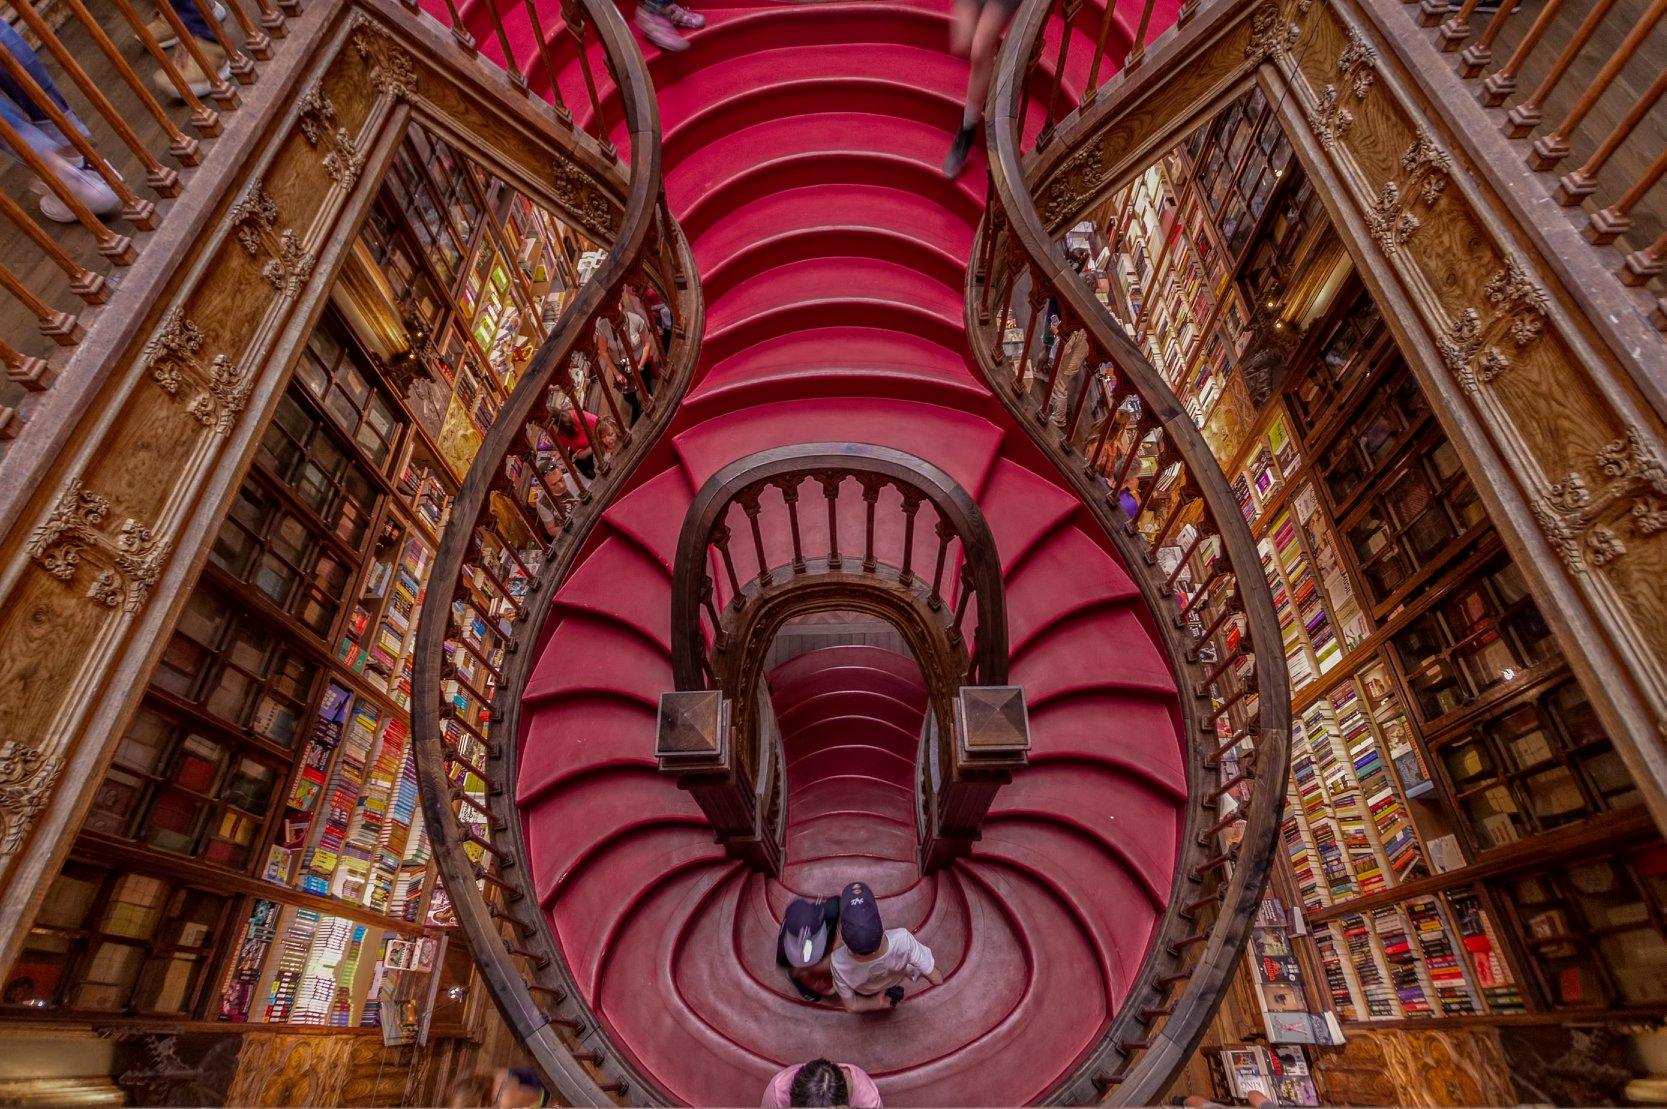 Portugal: Livraria Lello pagará mil euros aos melhores contos da quarentena  | Viagem e Turismo